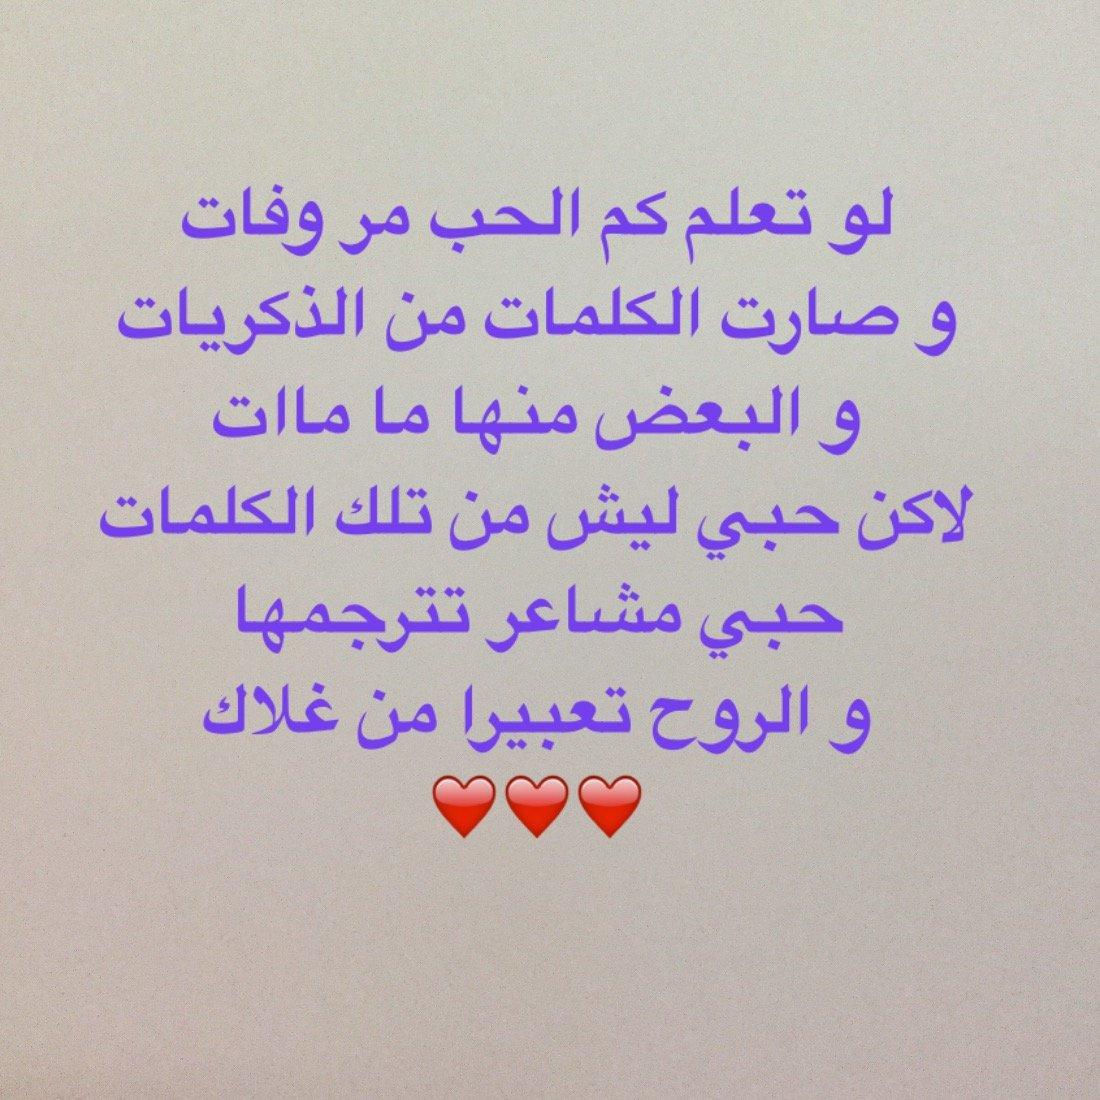 يما الحب يما كلام الناس 14